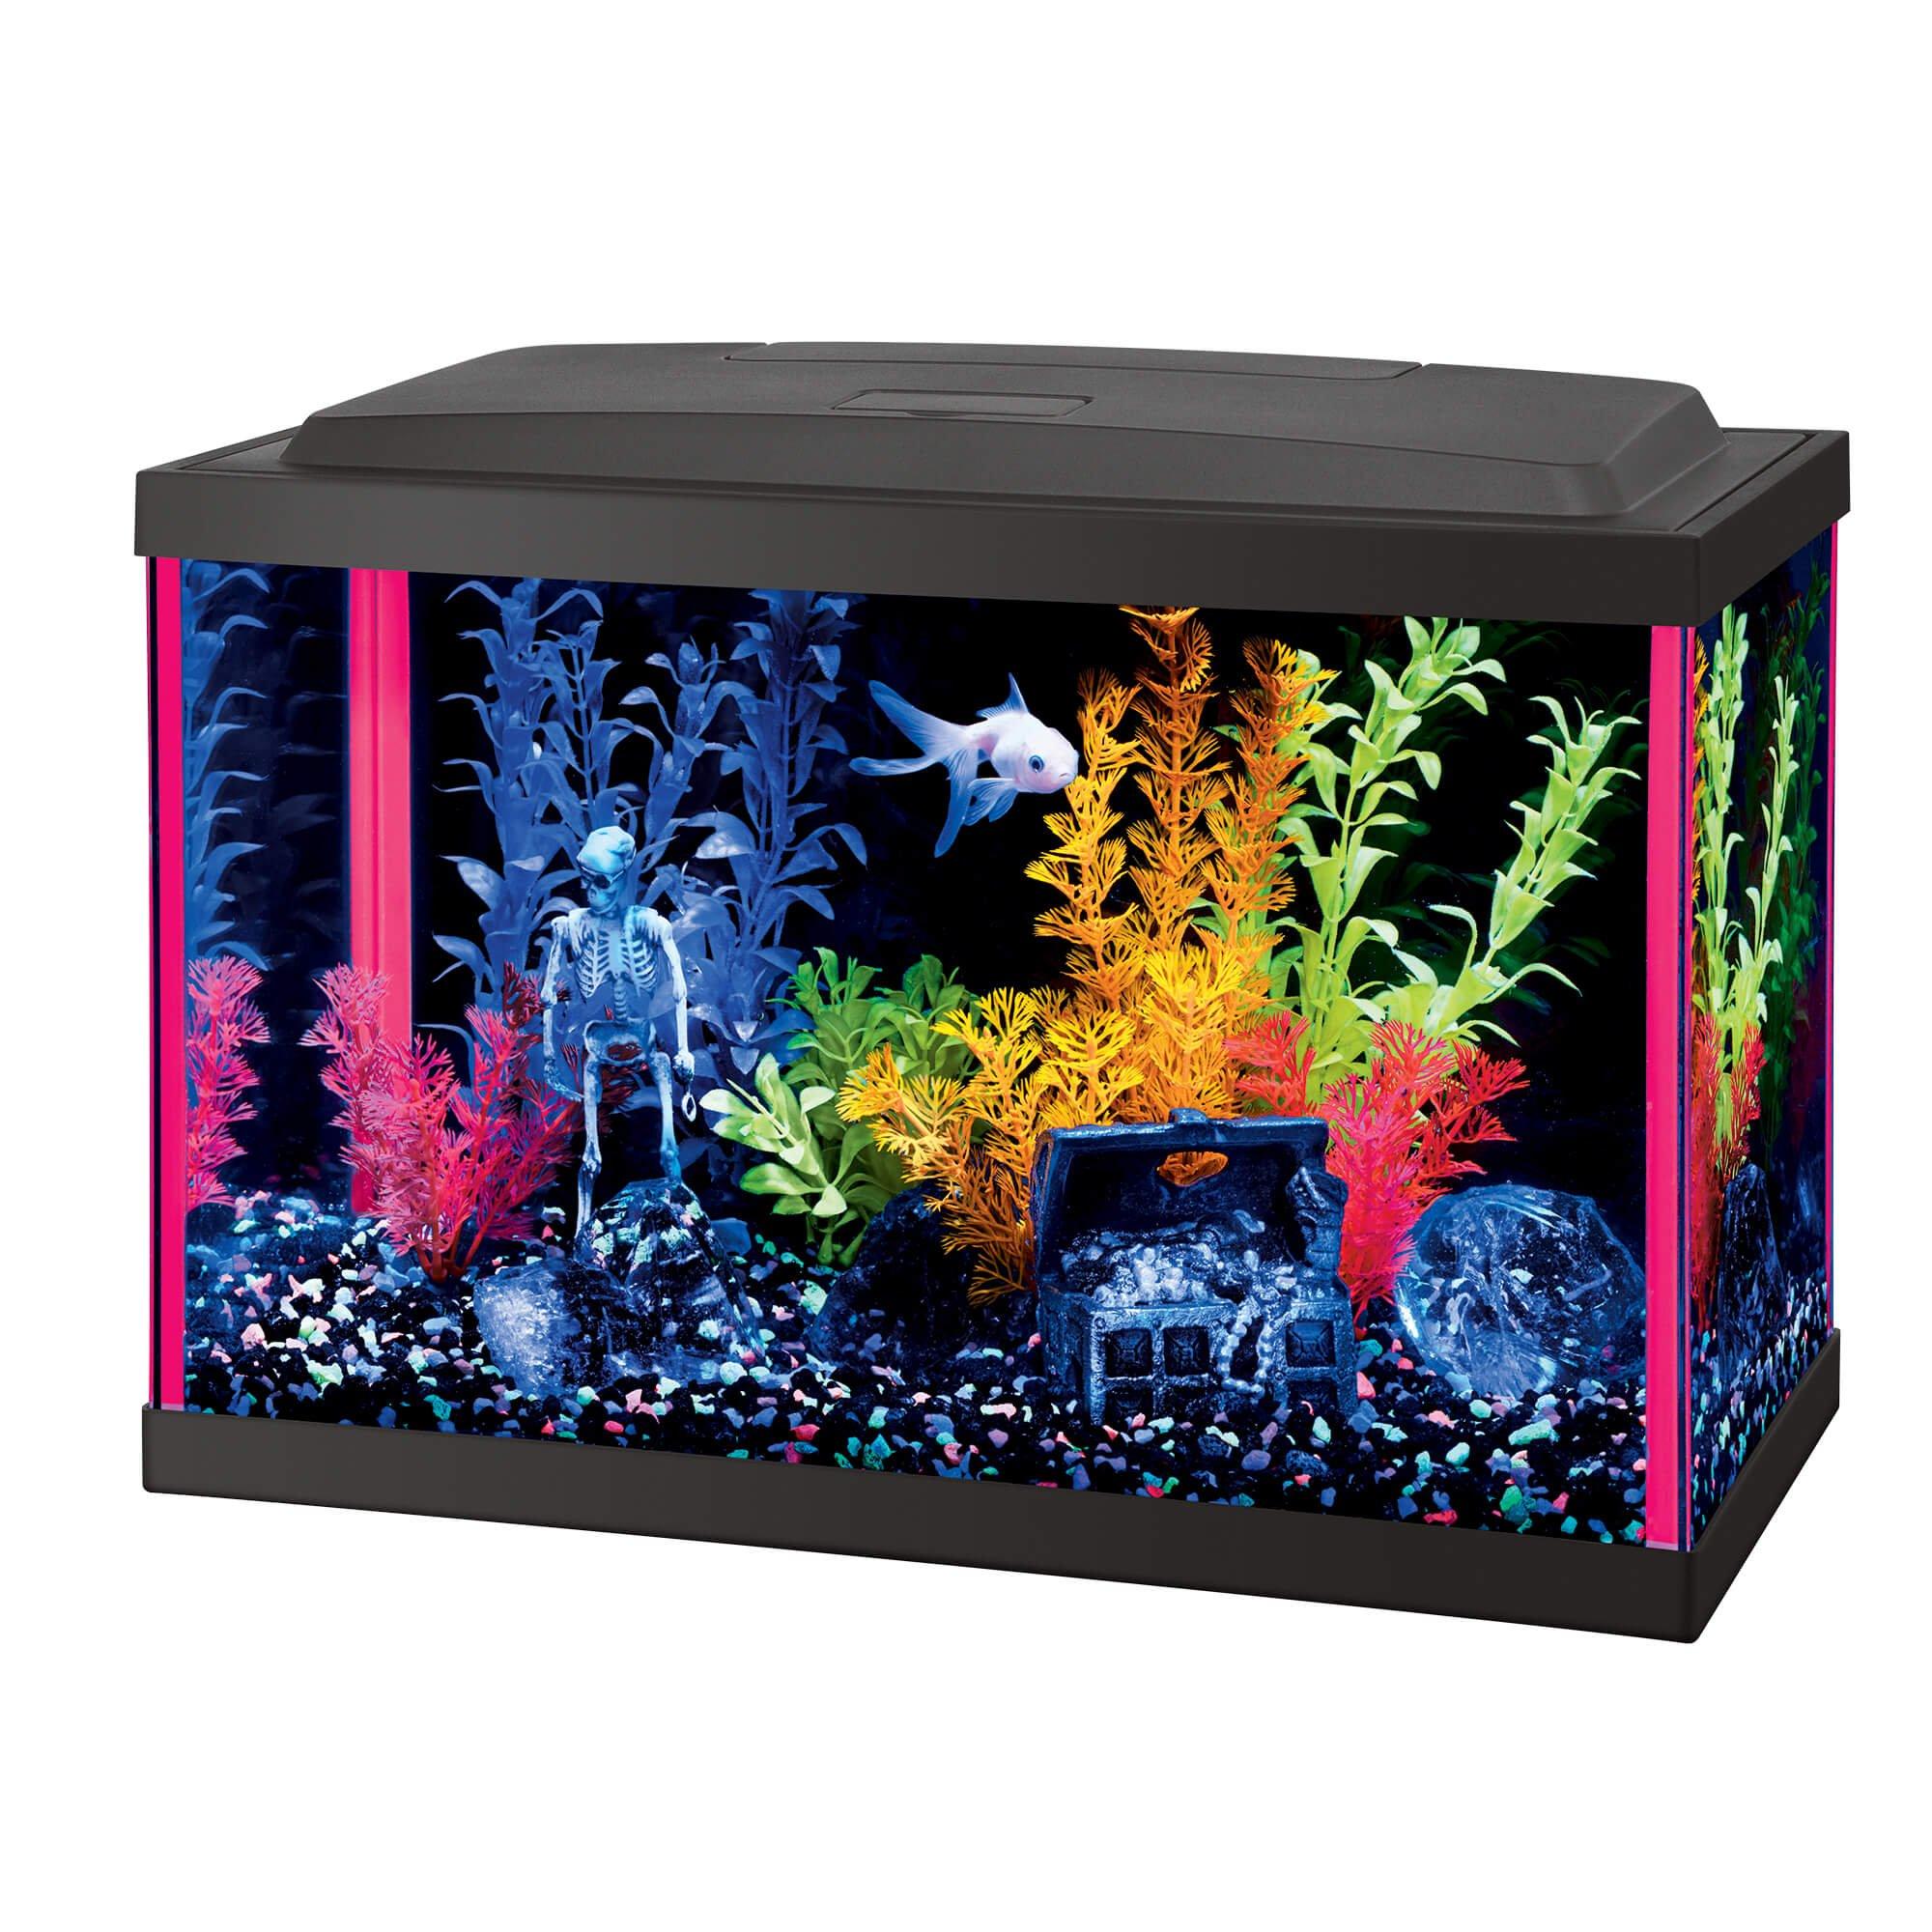 Aqueon Led 5 5 Gallon Pink Aquarium Kit Petco Aquarium Kit Glow Fish Aquarium Fish